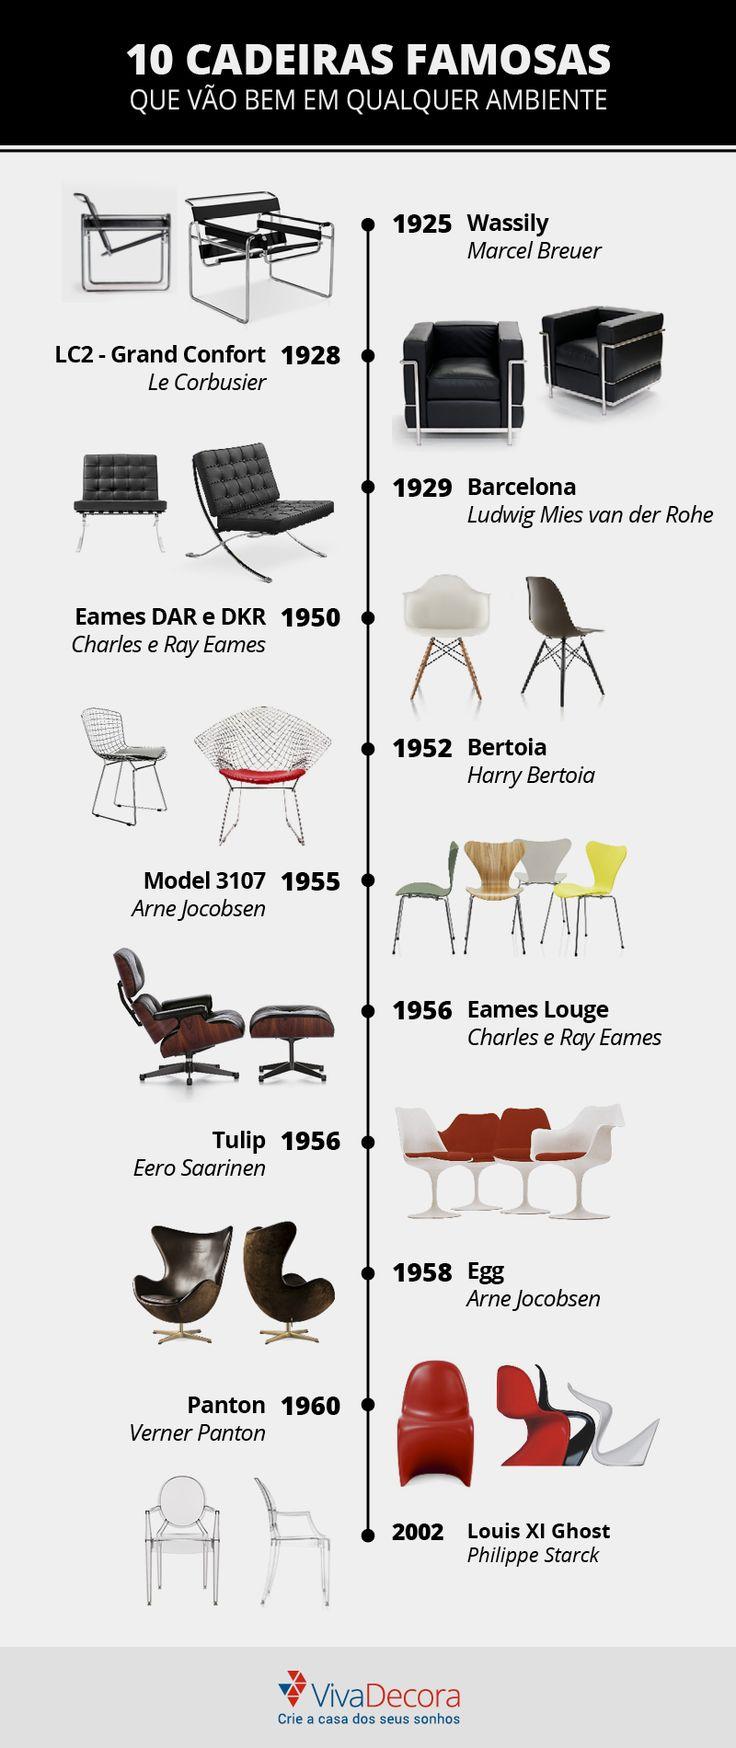 Veja também nosso infográfico com a linha do tempo das 10 cadeiras de design mais famosas do mundo da decoração: